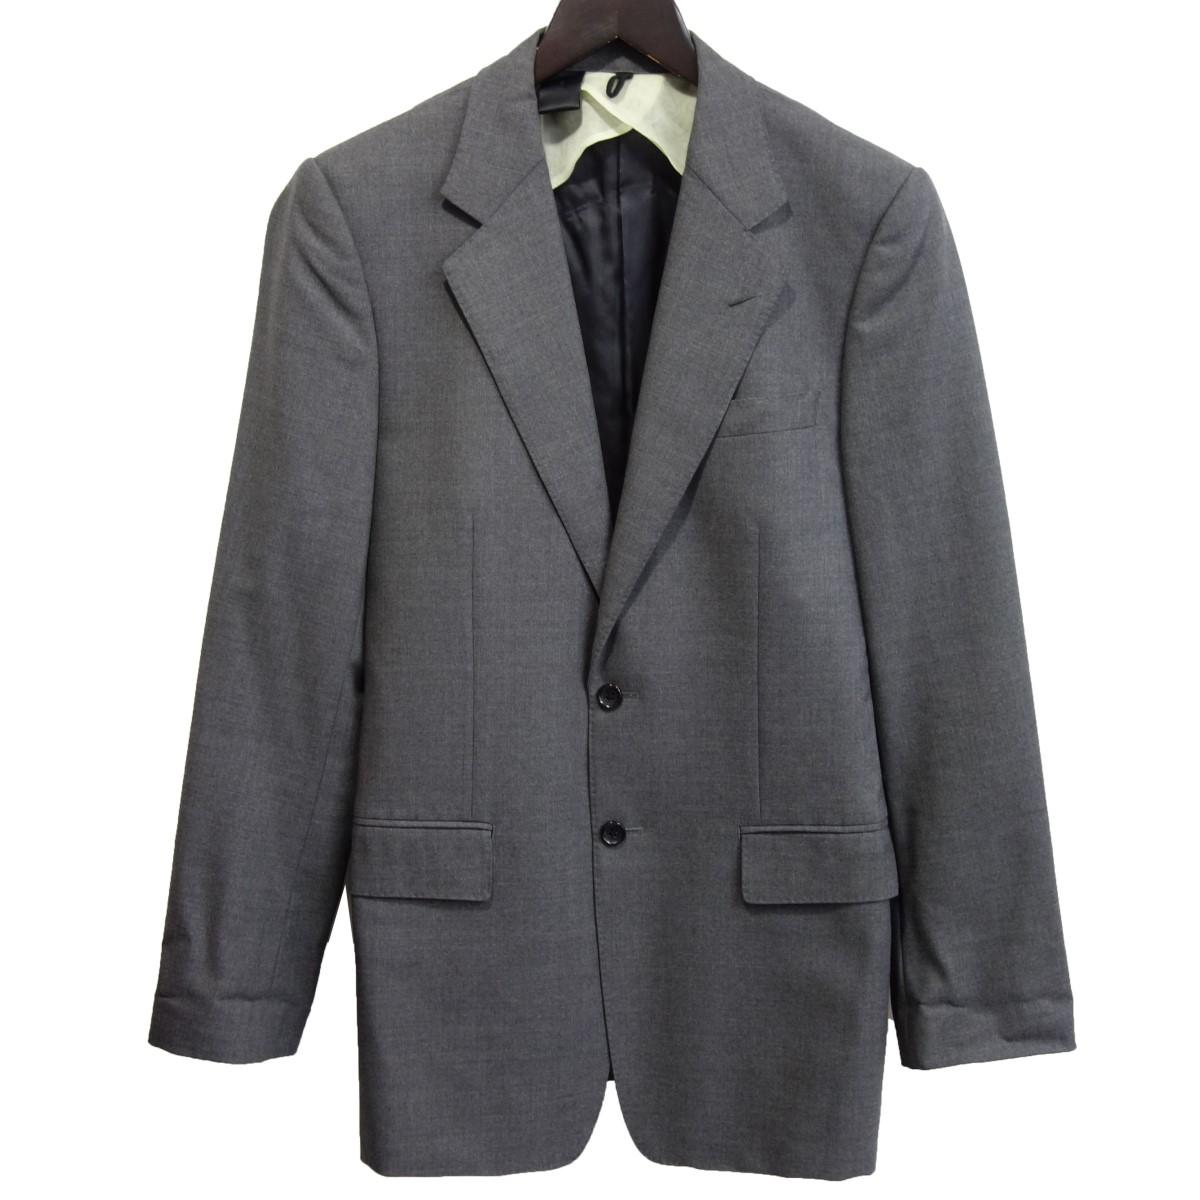 【中古】N.HOOLYWOOD 12AW テーラードジャケット グレー サイズ:38 【220220】(エヌハリウッド)